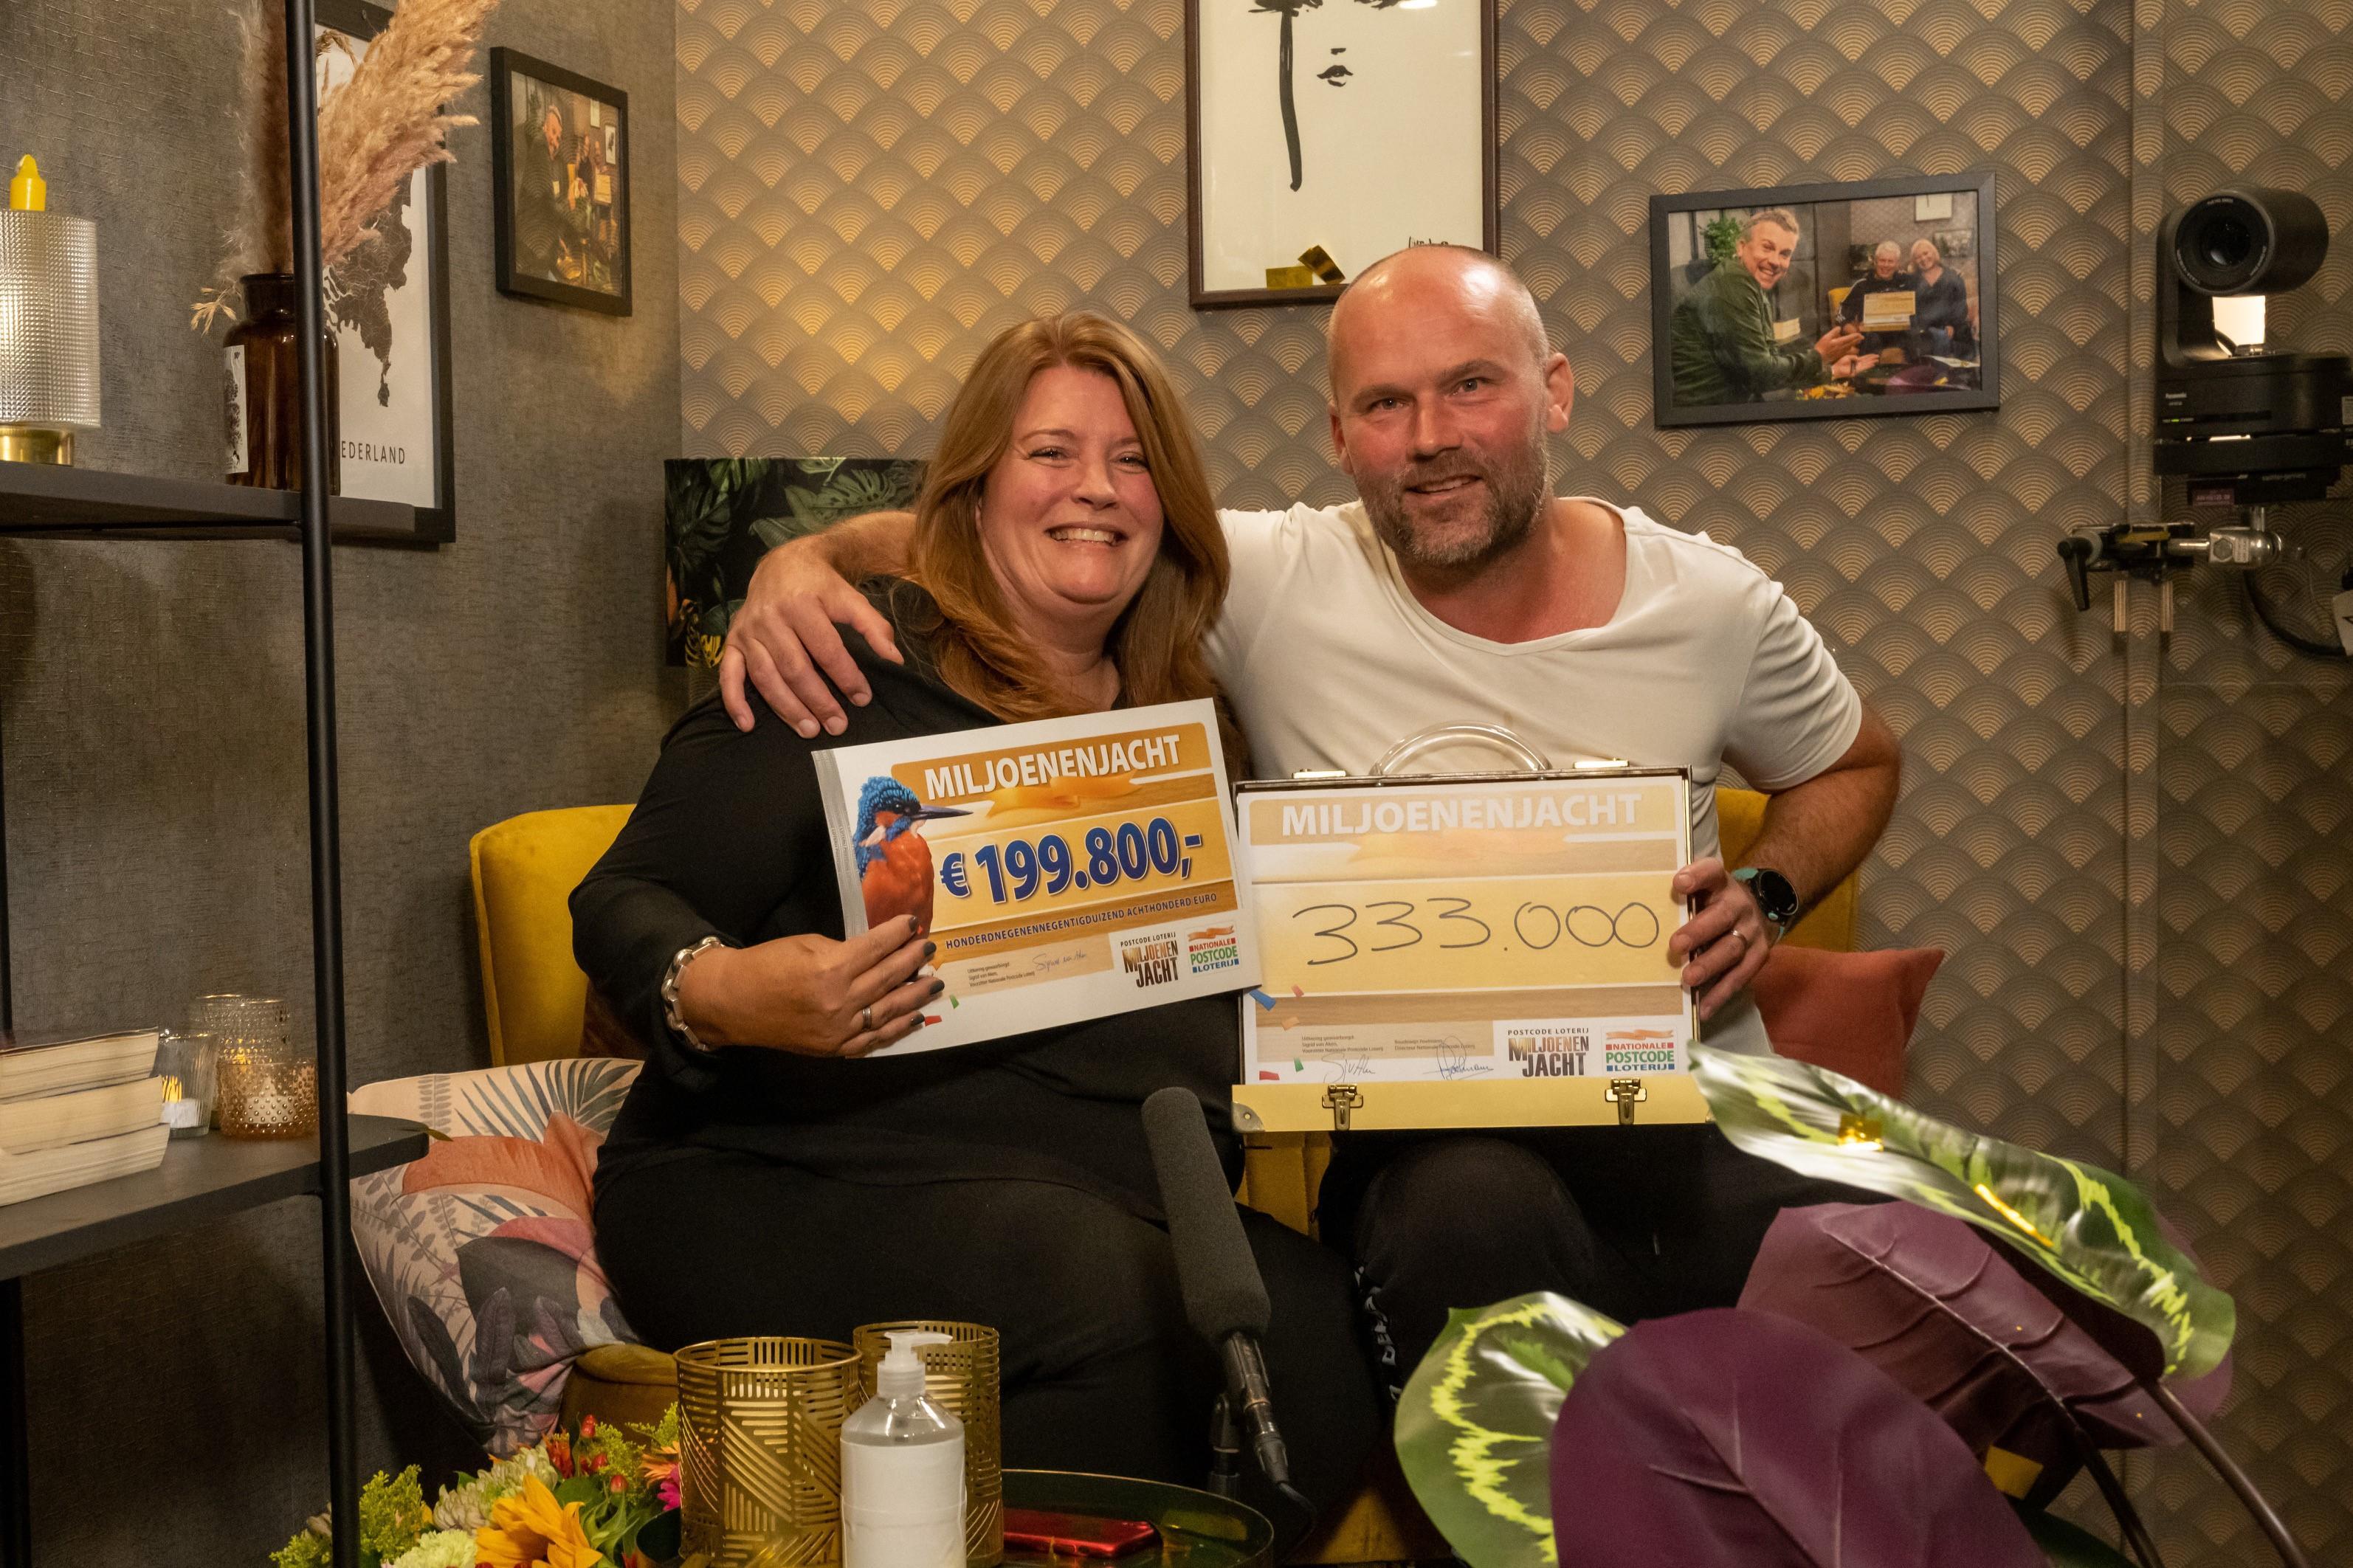 Bob en Arianneke uit Heerhugowaard winnen een half miljoen in de Postcode Loterij. 'Ik ben de gelukkigste man op aarde'